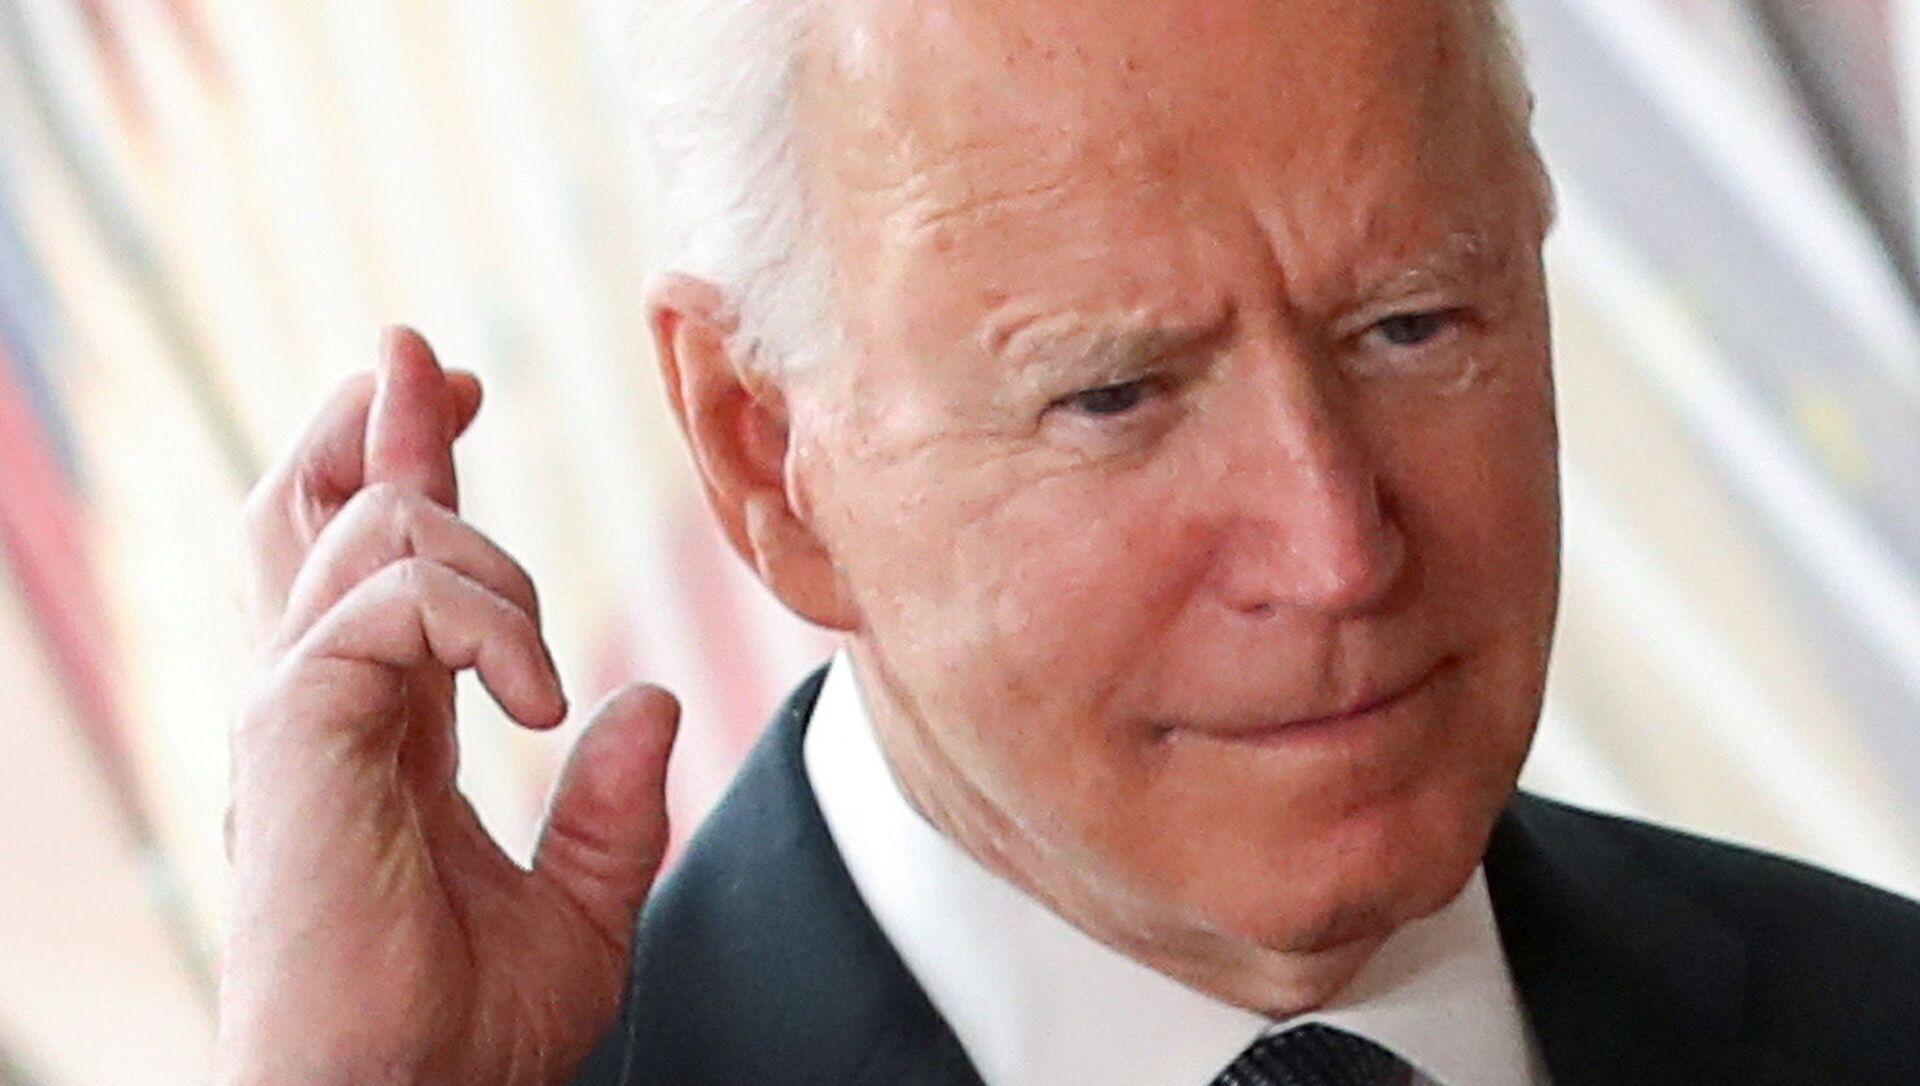 US President Joe Biden gestures as he arrives for the EU-US summit, in Brussels, Belgium June 15, 2021. - Sputnik International, 1920, 27.07.2021